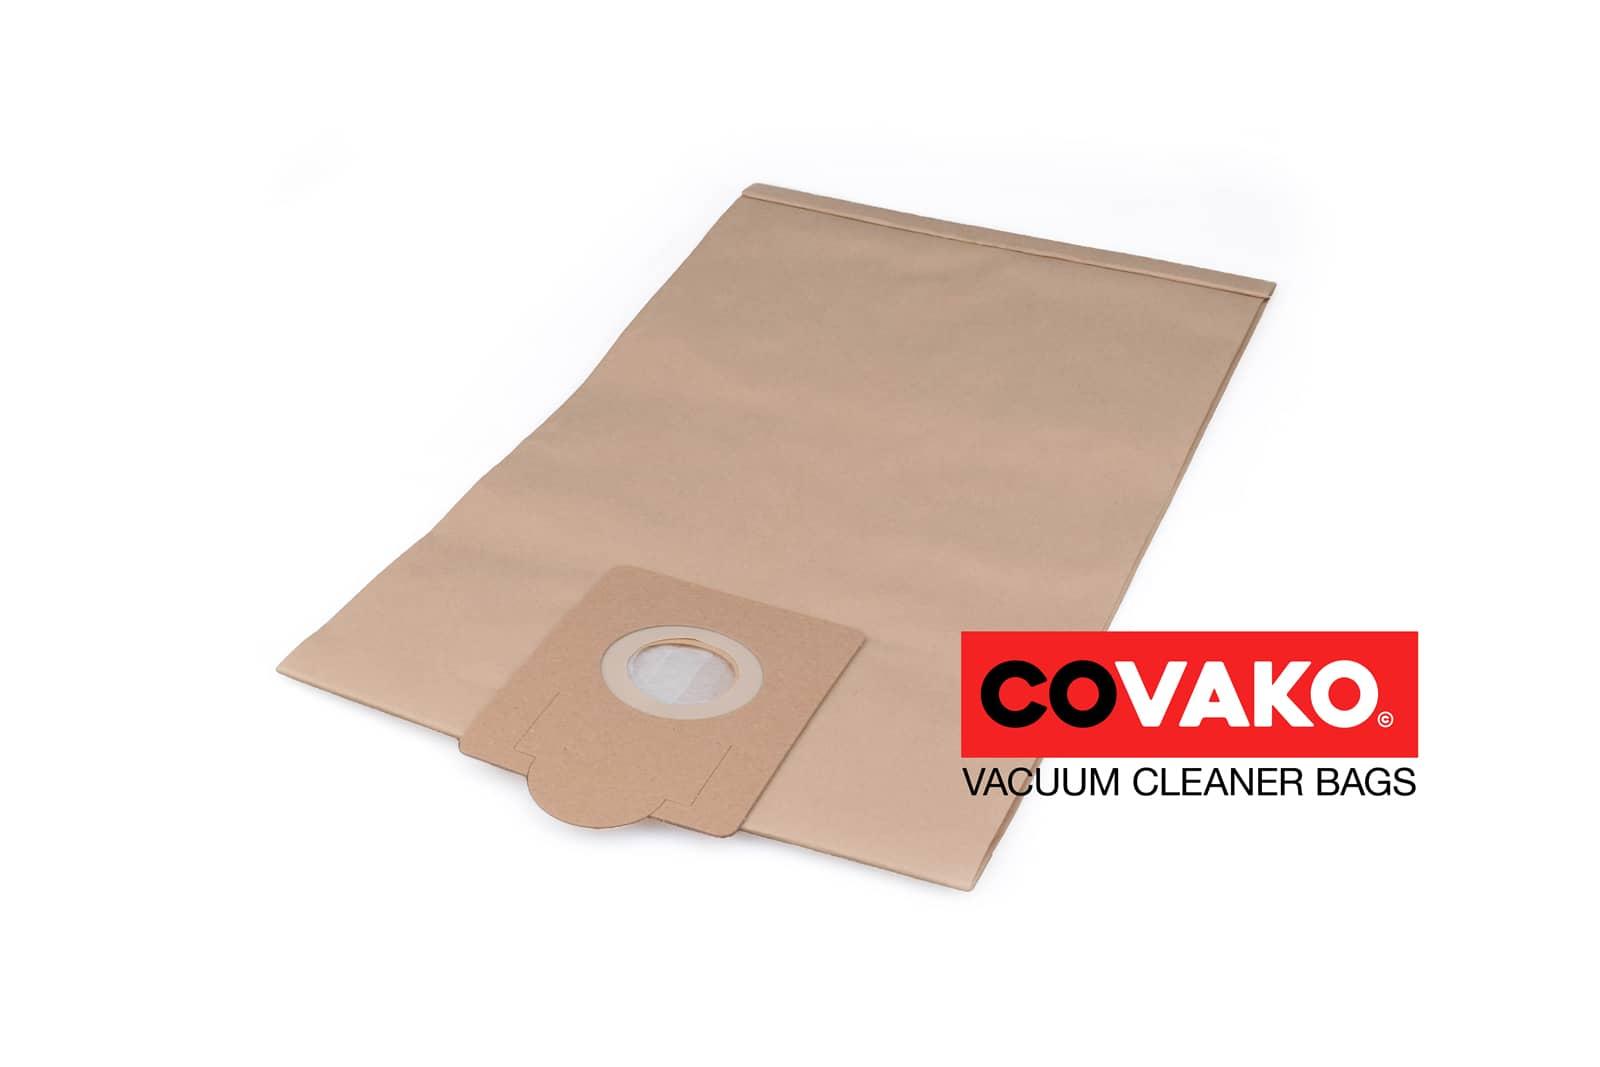 I-vac CA 30 / Paper - I-vac vacuum cleaner bags